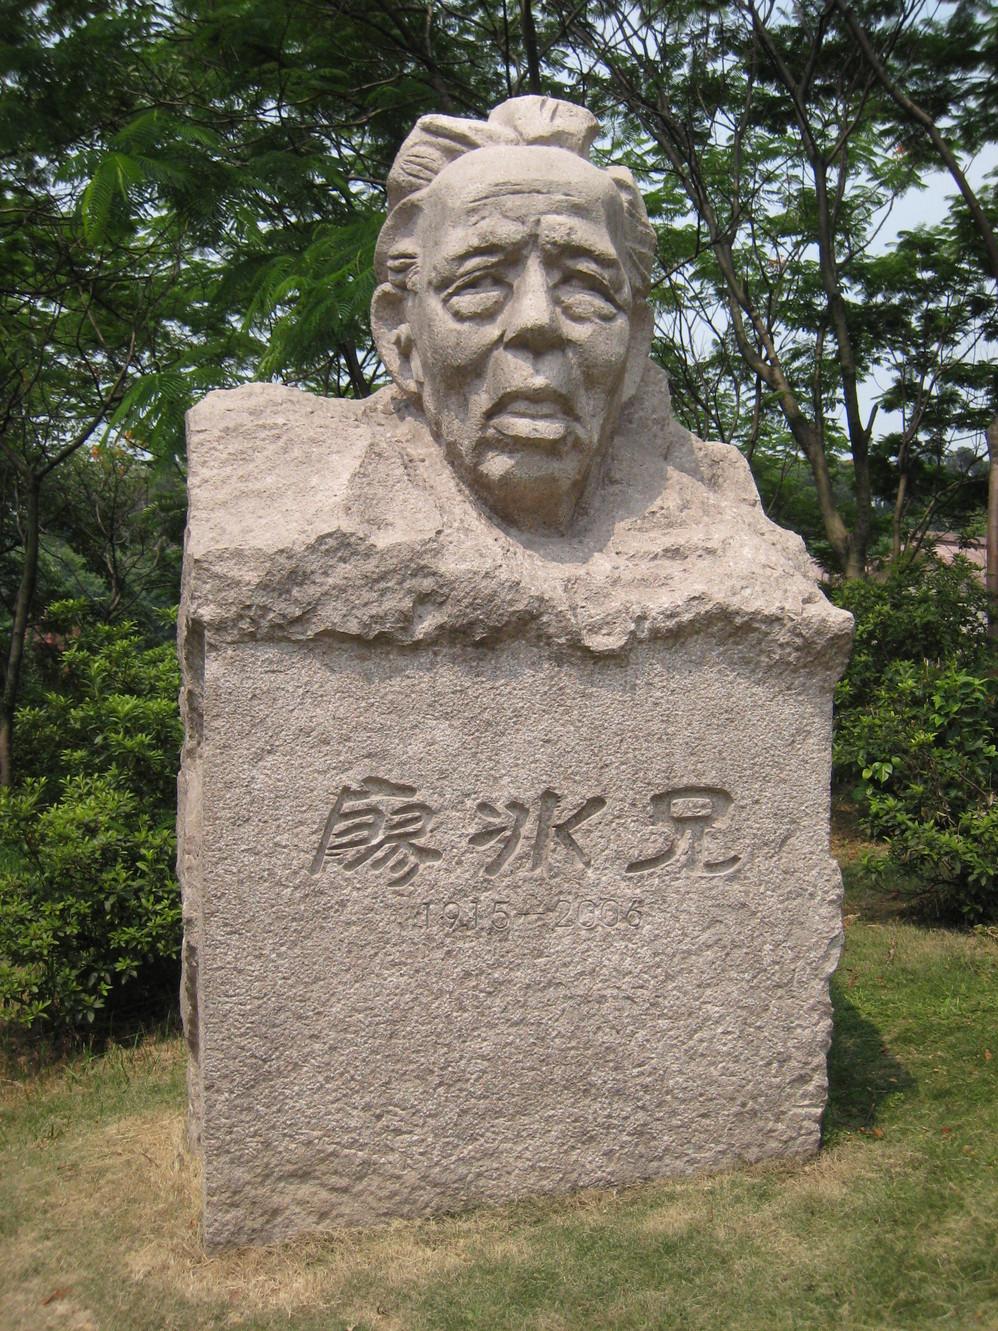 广州雕塑公园------凝固的历史瞬间